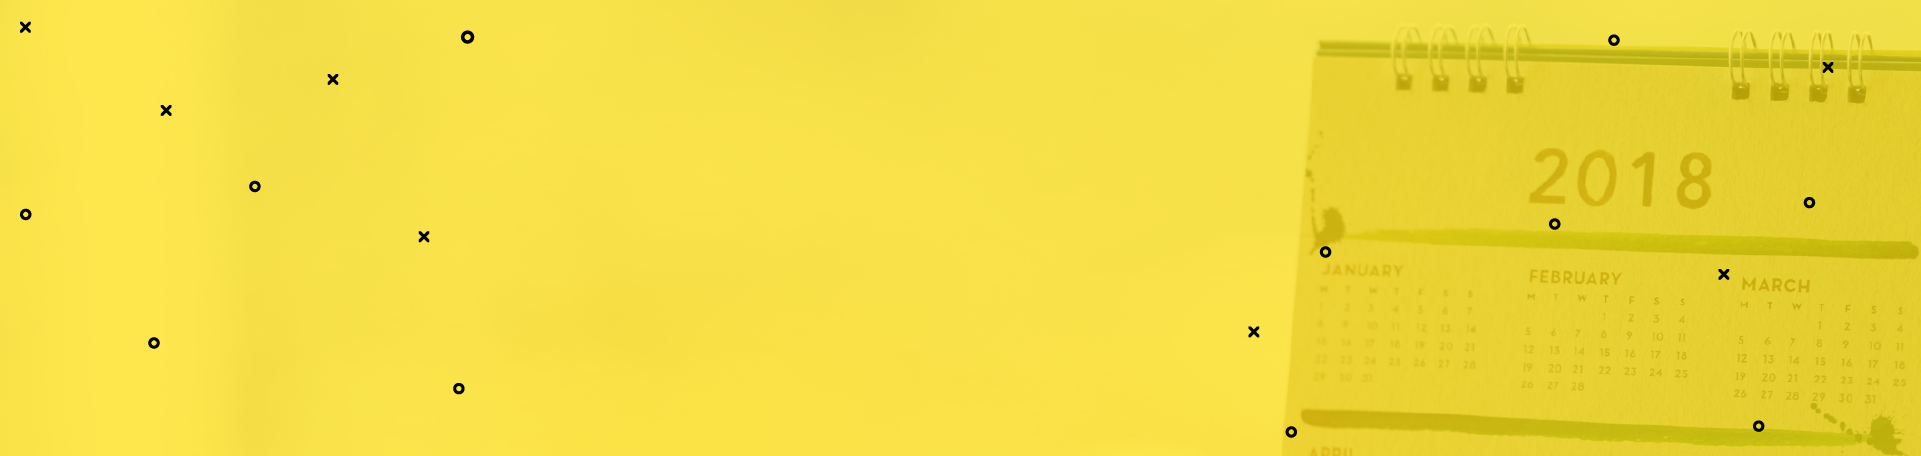 bg-amarillo